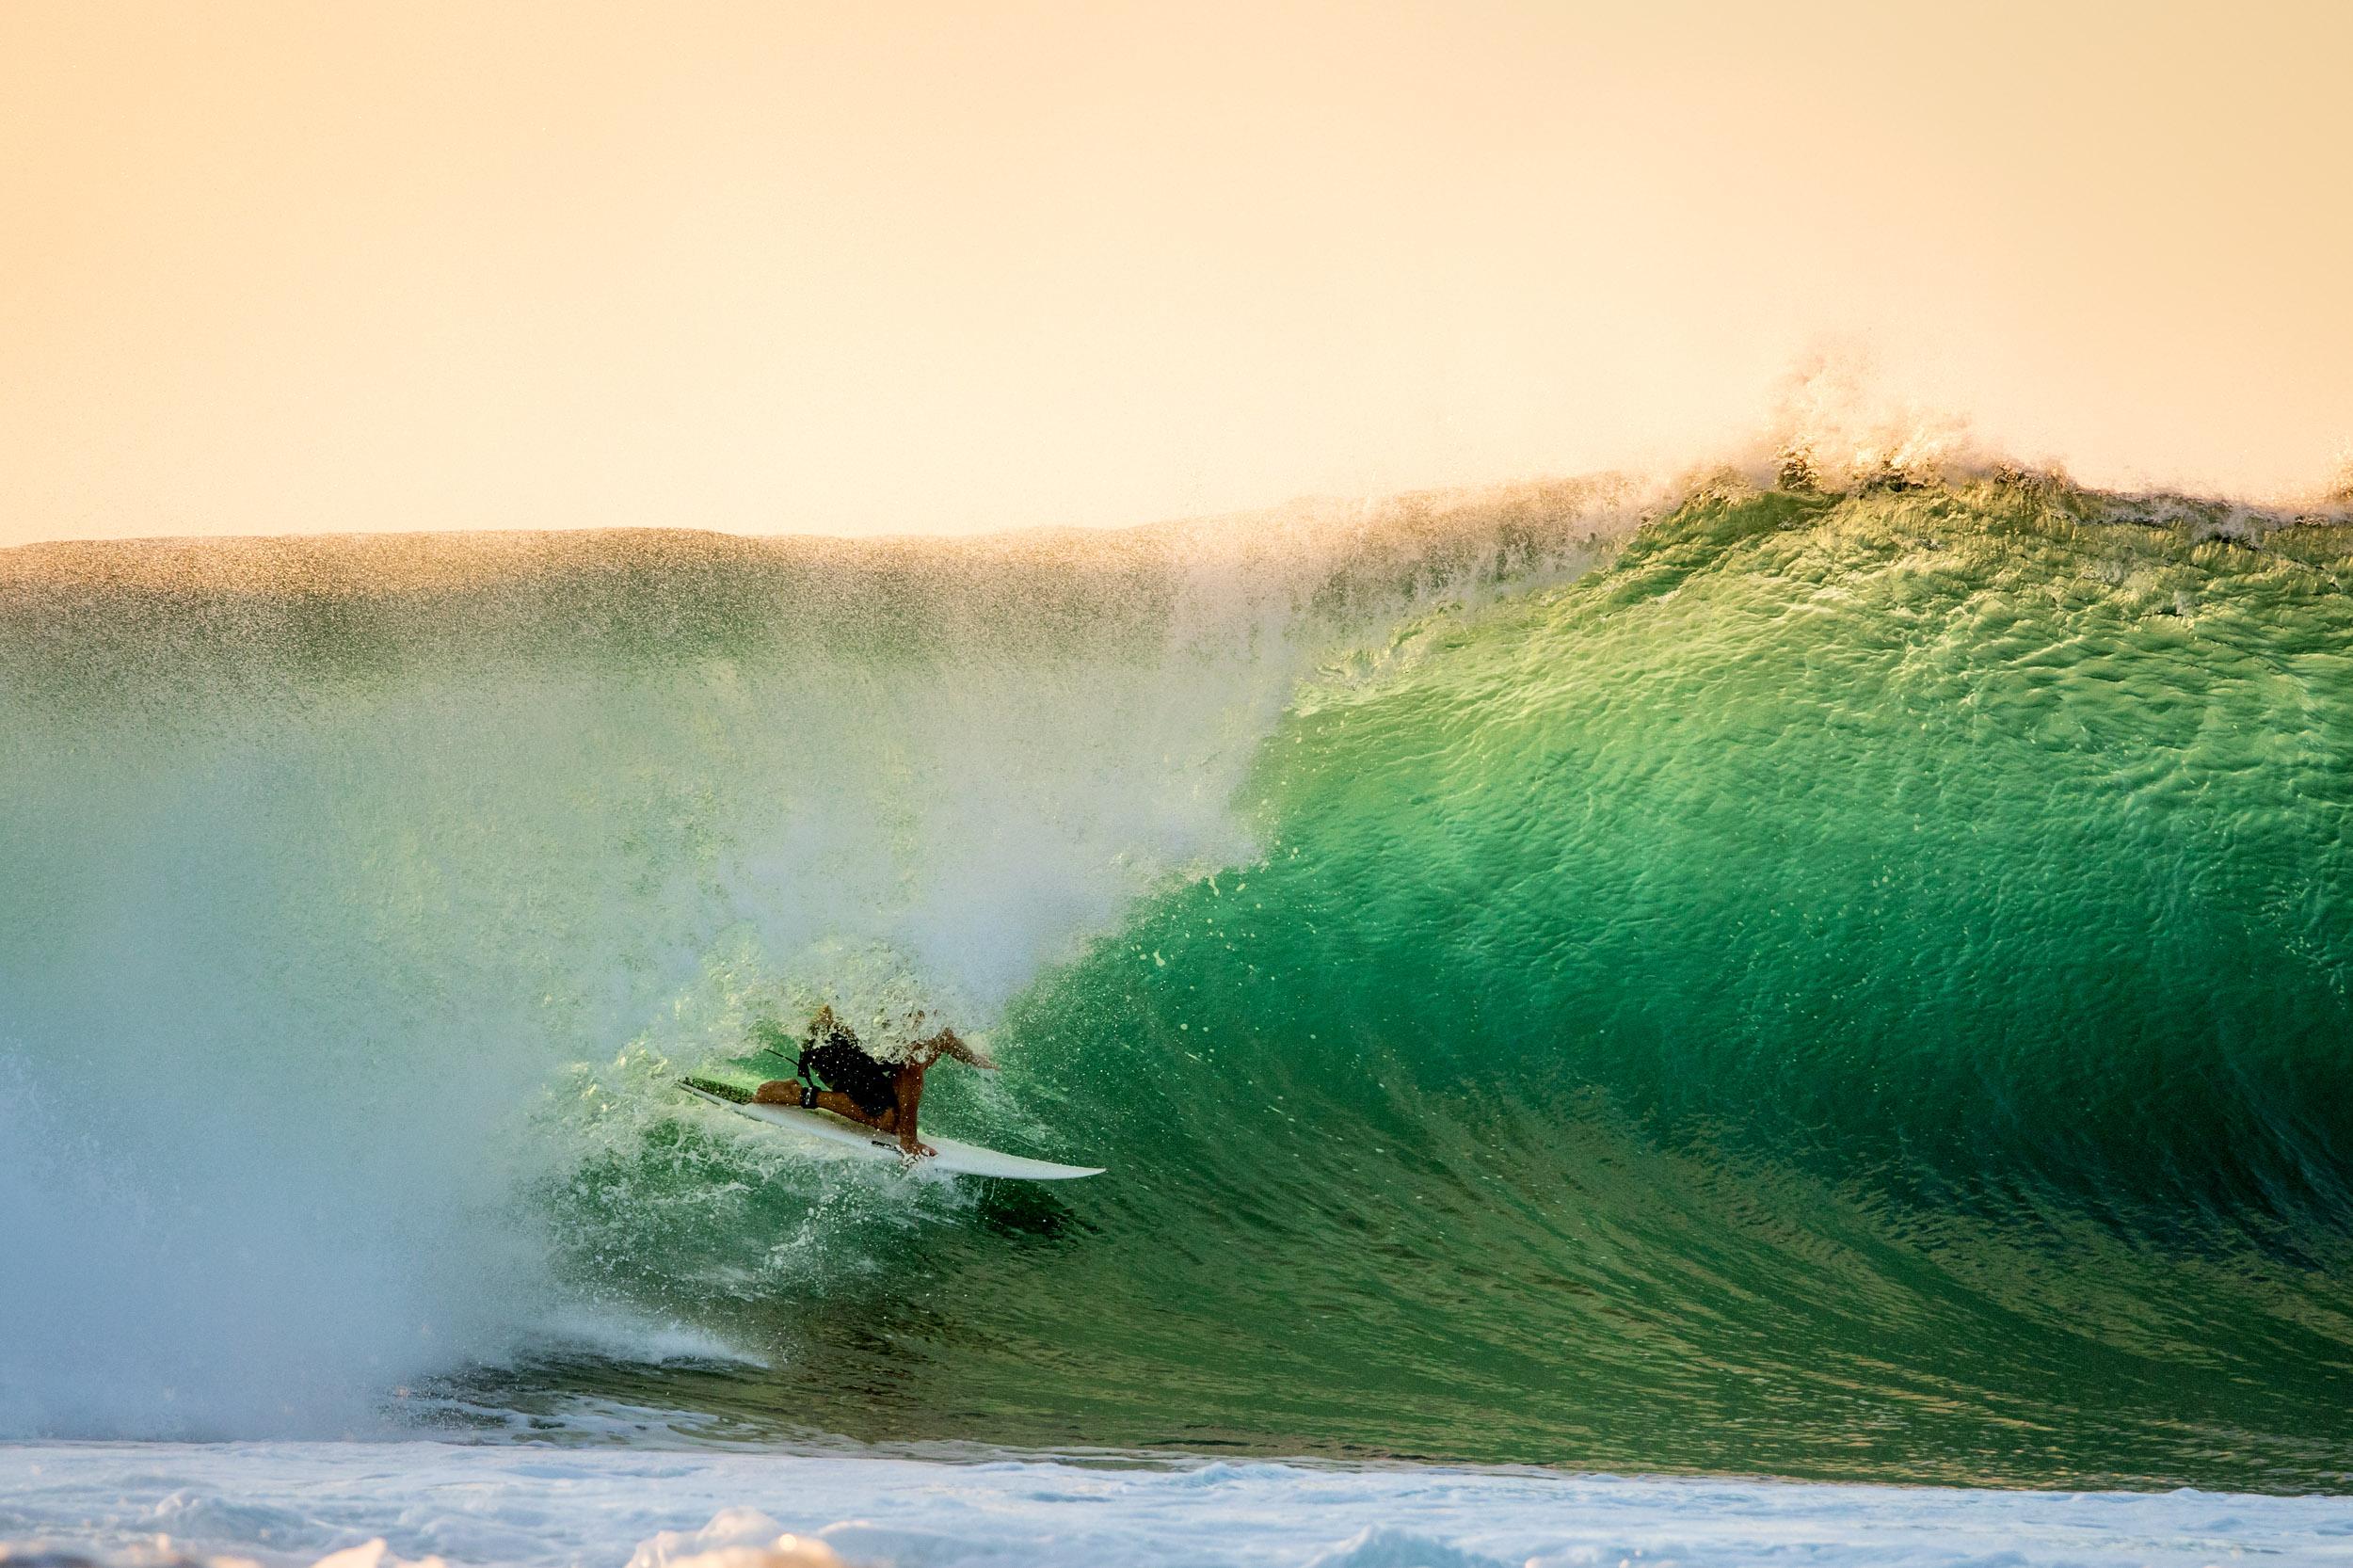 kalbarri-afternoon-surfing-backlight-barrel.jpg